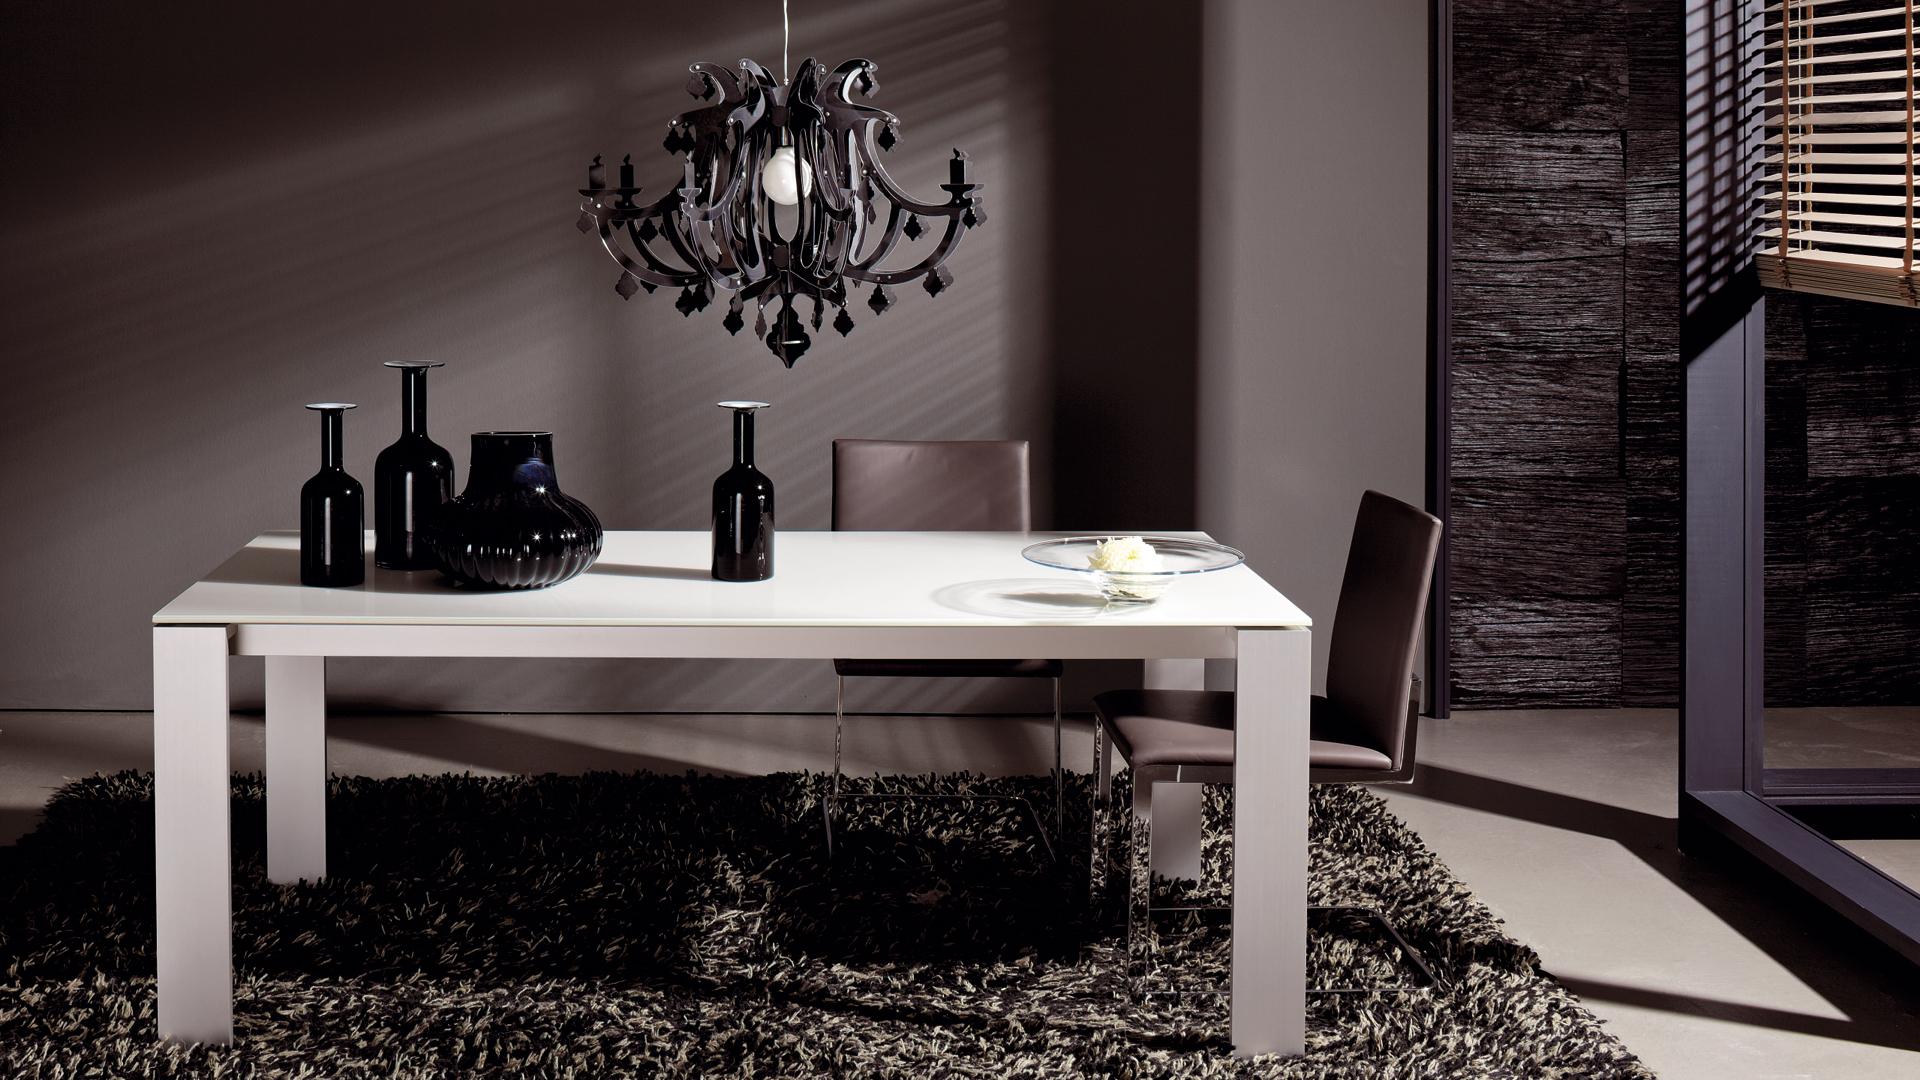 h lsta betten regale und schr nke bei prinz wohnen. Black Bedroom Furniture Sets. Home Design Ideas